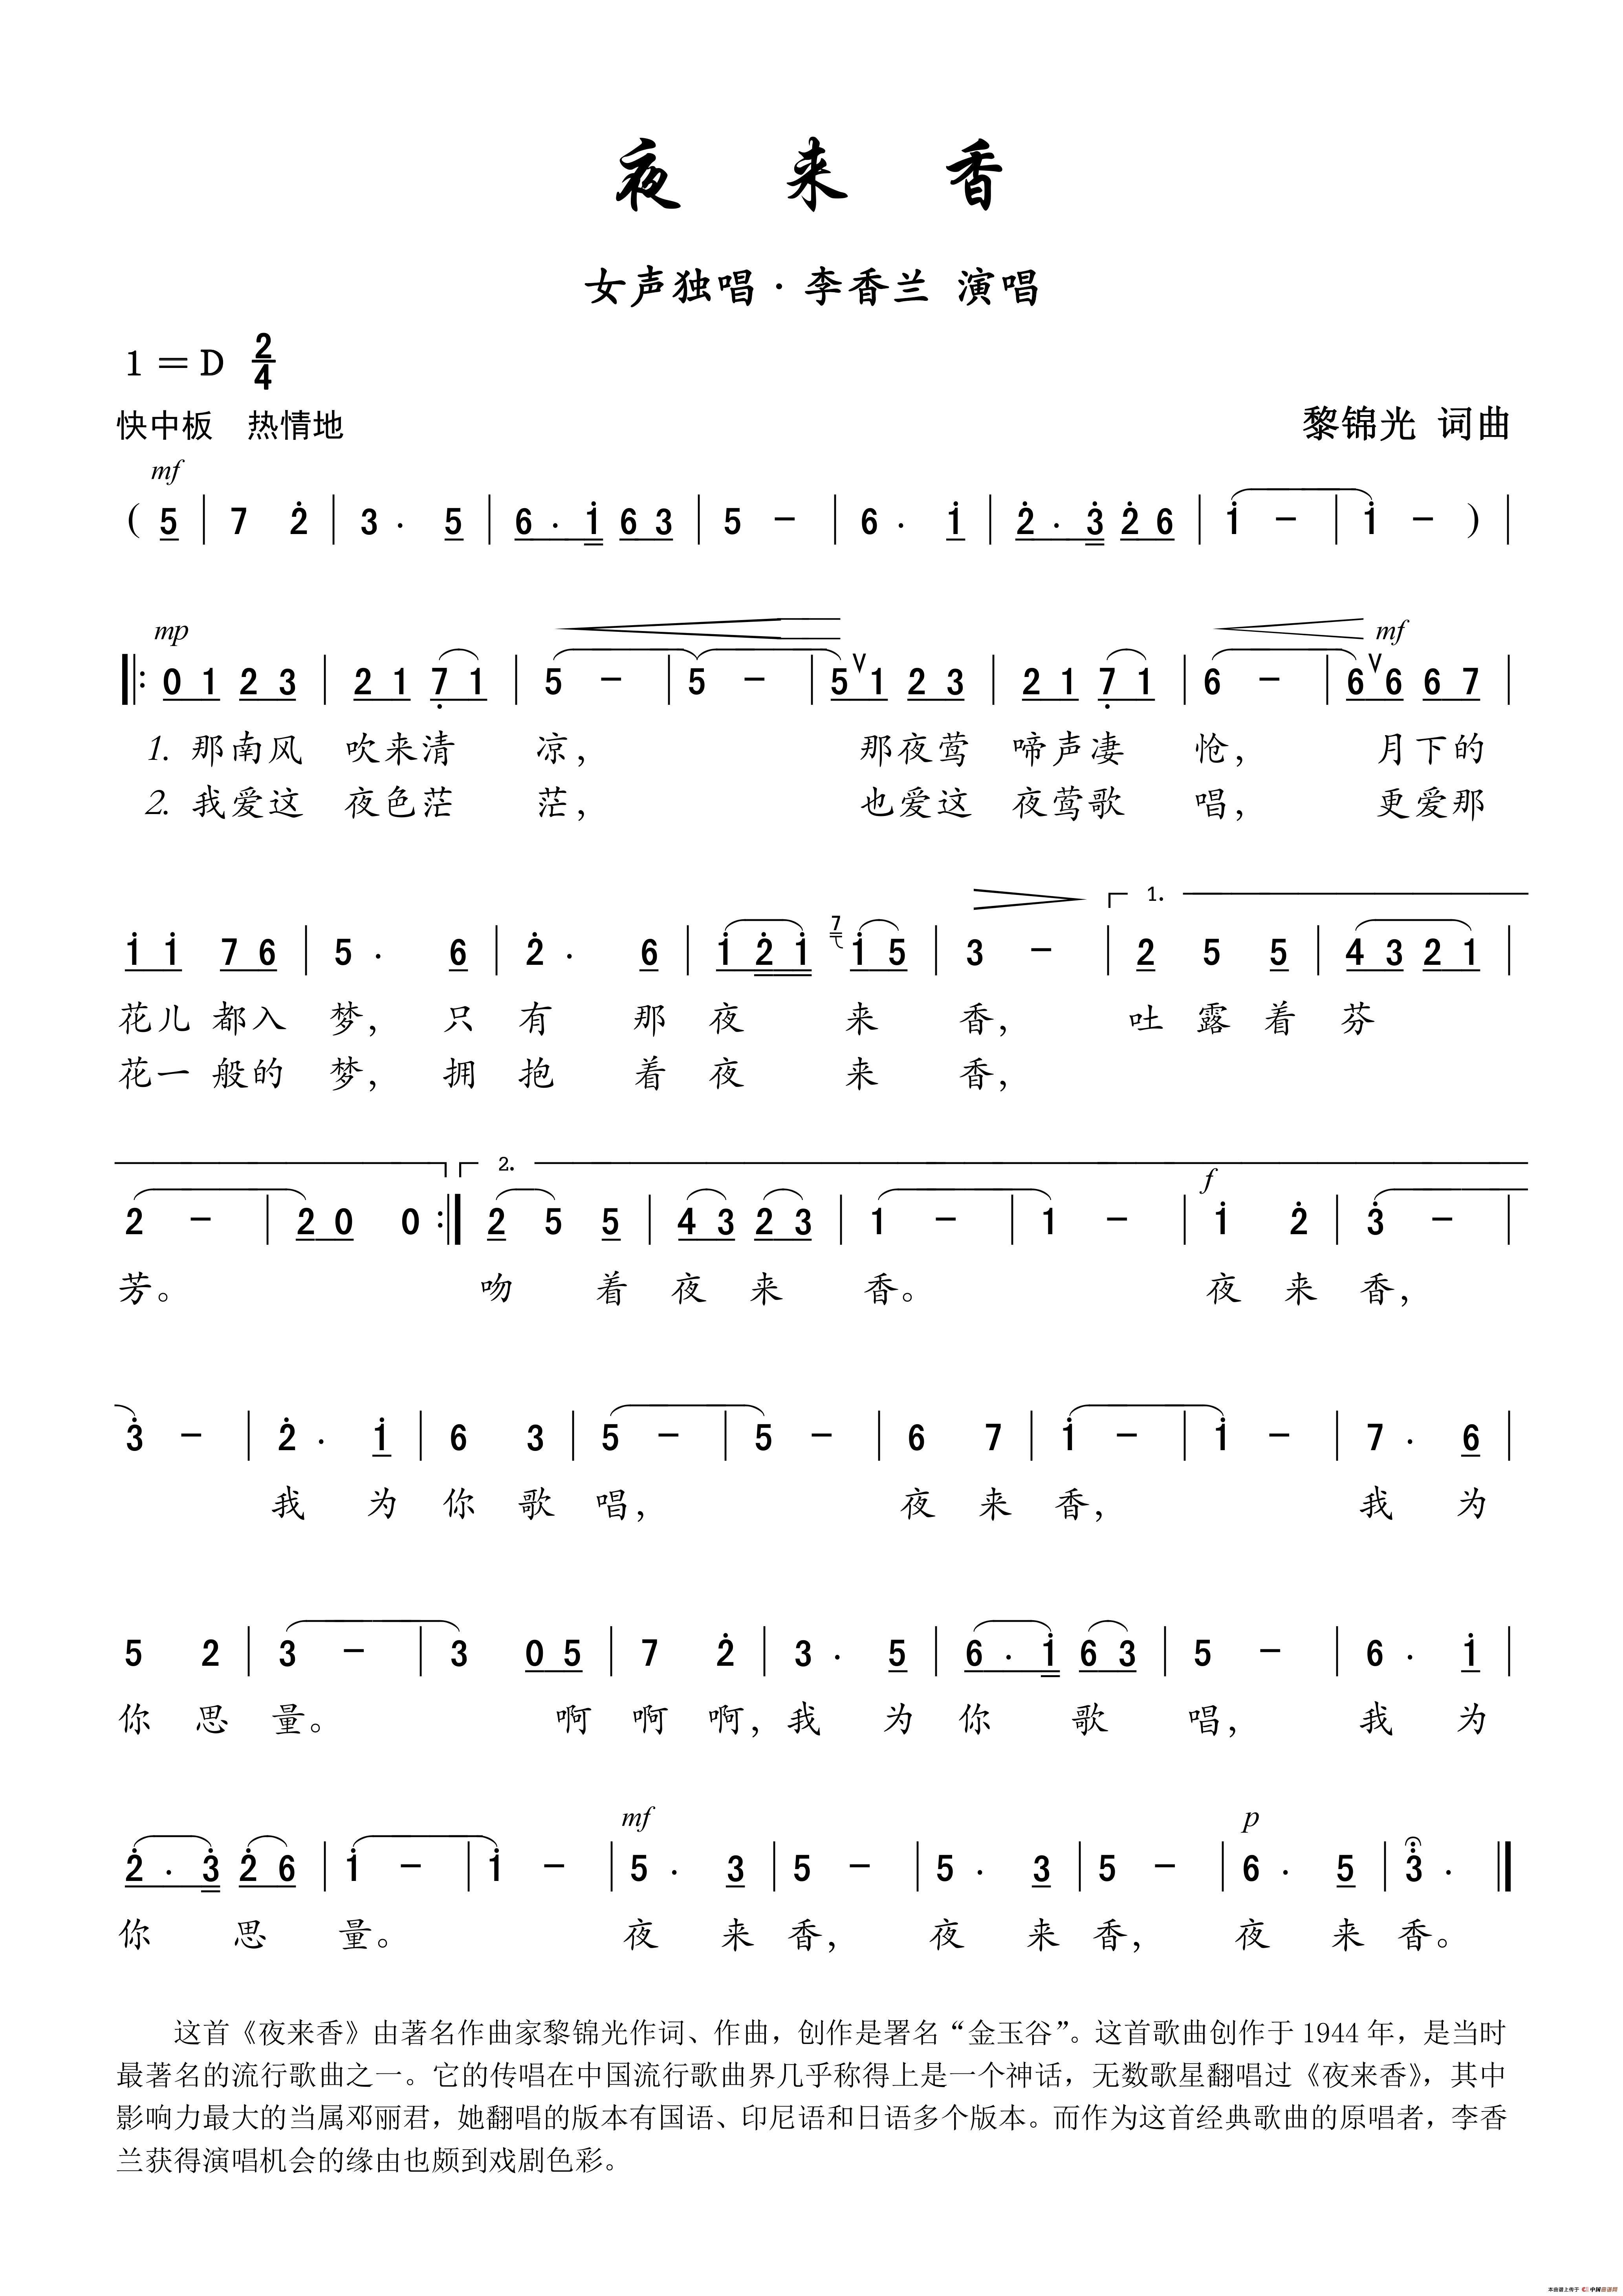 夜来香简谱(黎锦光 词曲)_叶金剑个人制谱园地_中国